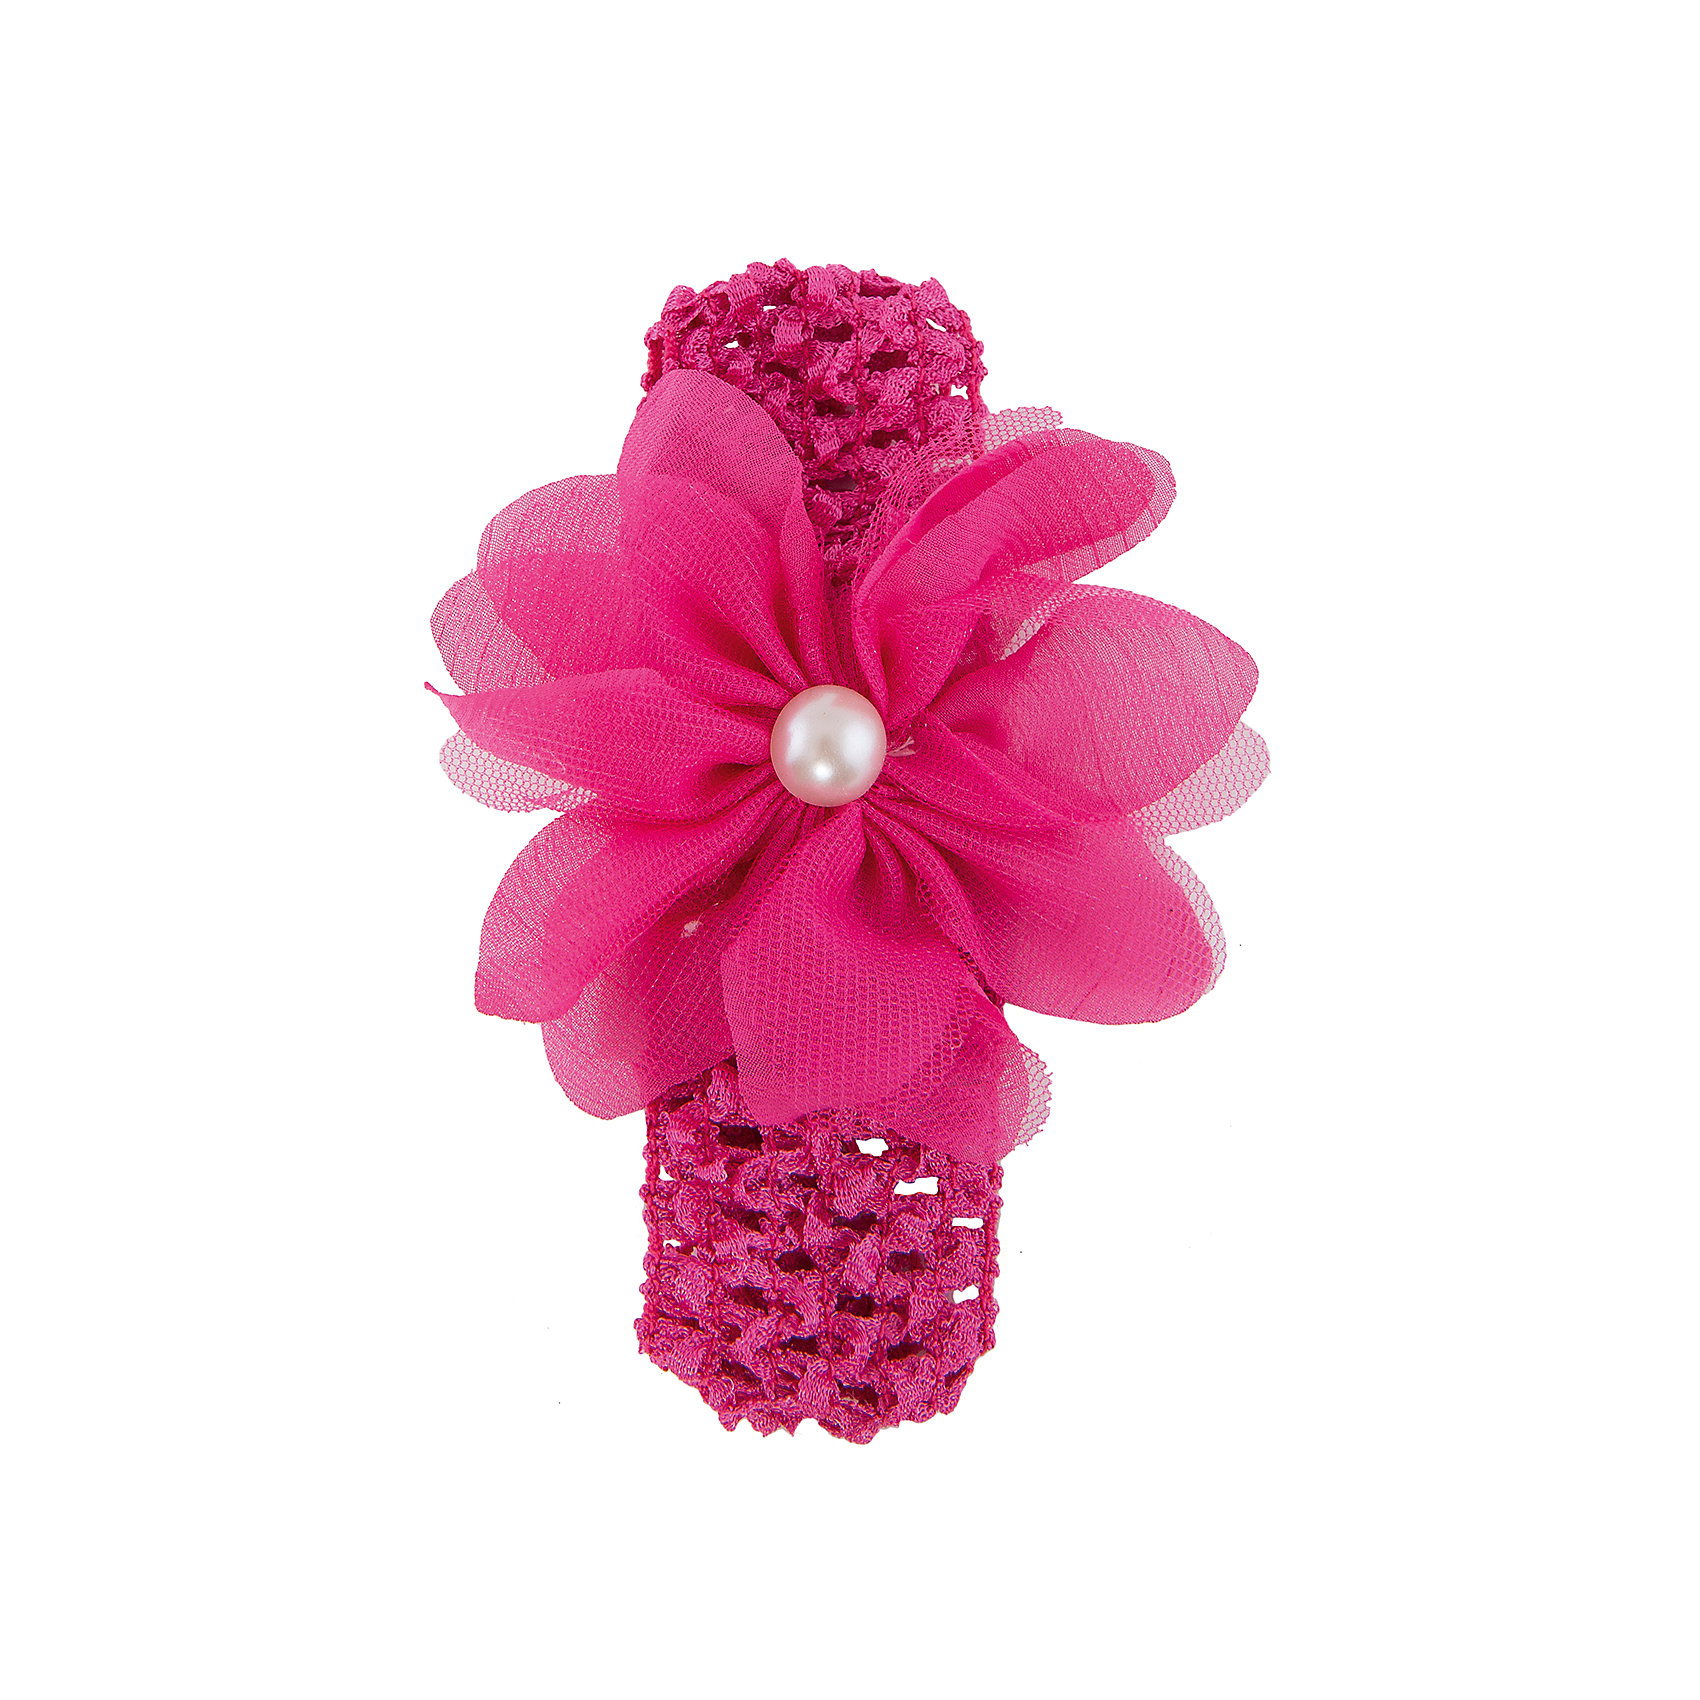 Повязка на голову для девочки SELAПолоска, декорированная ярким цветком, придется по вкусу любой девочке и займет достойное место в гардеробе юной модницы. <br><br>Дополнительная информация:<br><br>- На эластичной резинке. <br>- Яркий объемный цветок. <br>- Без застежки. <br>Состав: <br>- ПЭ 95%, пластик 5%.<br><br>Аксессуар для девочки, SELA (Села), можно купить в нашем магазине.<br><br>Ширина мм: 170<br>Глубина мм: 157<br>Высота мм: 67<br>Вес г: 117<br>Цвет: розовый<br>Возраст от месяцев: 24<br>Возраст до месяцев: 144<br>Пол: Женский<br>Возраст: Детский<br>Размер: one size<br>SKU: 4741535